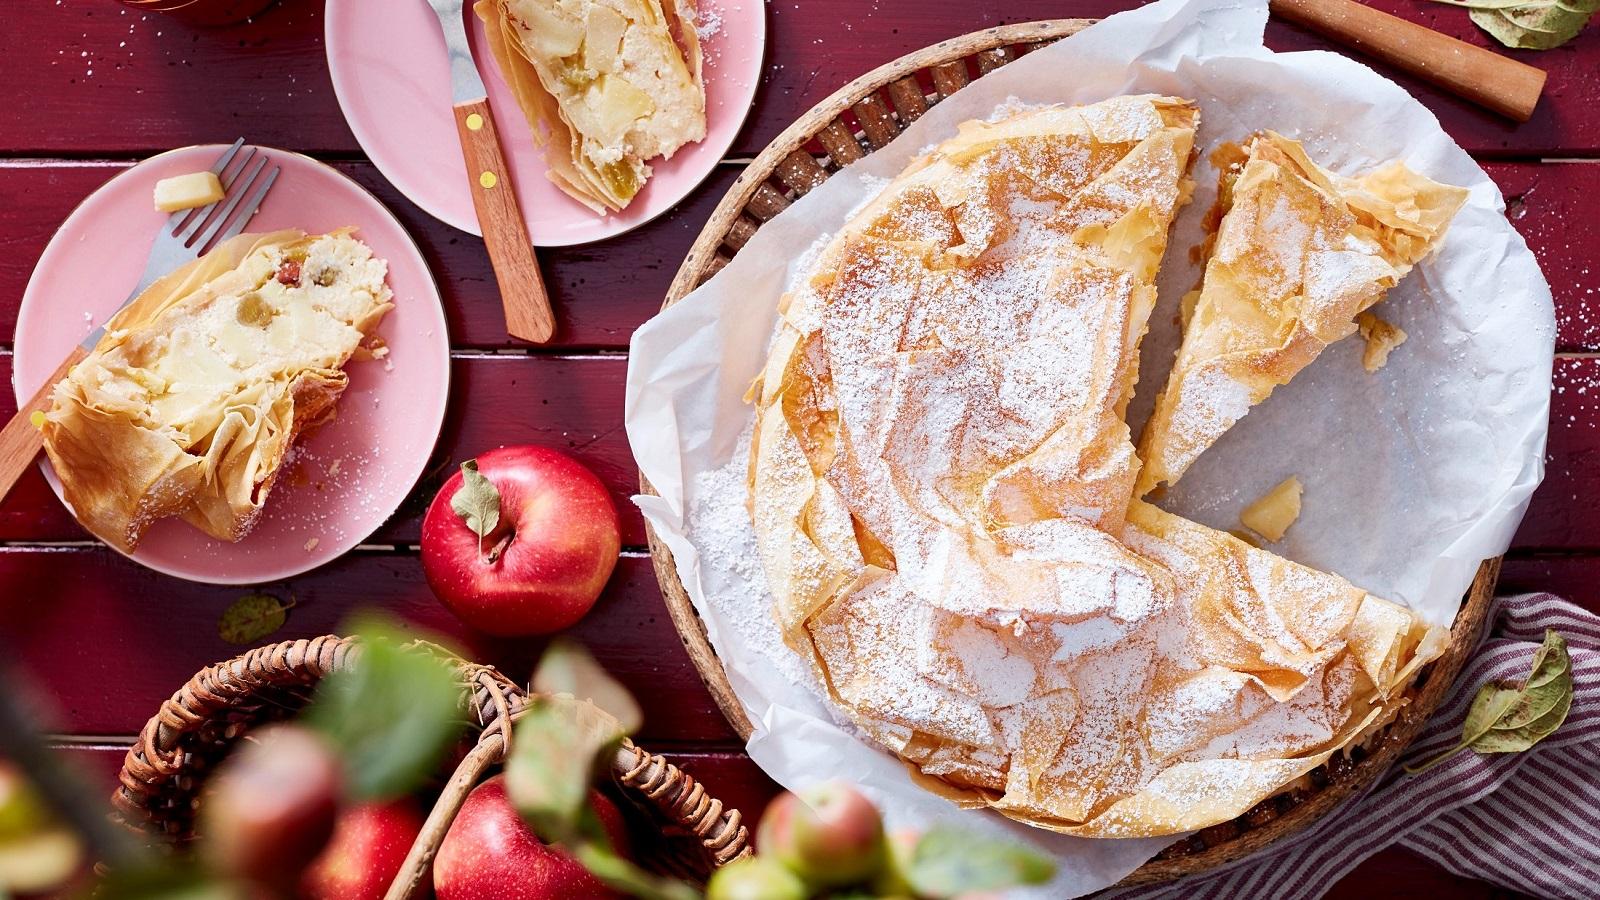 Ein angeschnittener Apfelstrudel-Kuchen auf einem weißen Backpapier neben zwei kleinen rosa Tellern mit jeweils einem Stück des Kuchens und einer Gabel, und frischen Äpfeln und einem Küchentuch, vor einem dunkel roten Holzhintergrund, von oben.